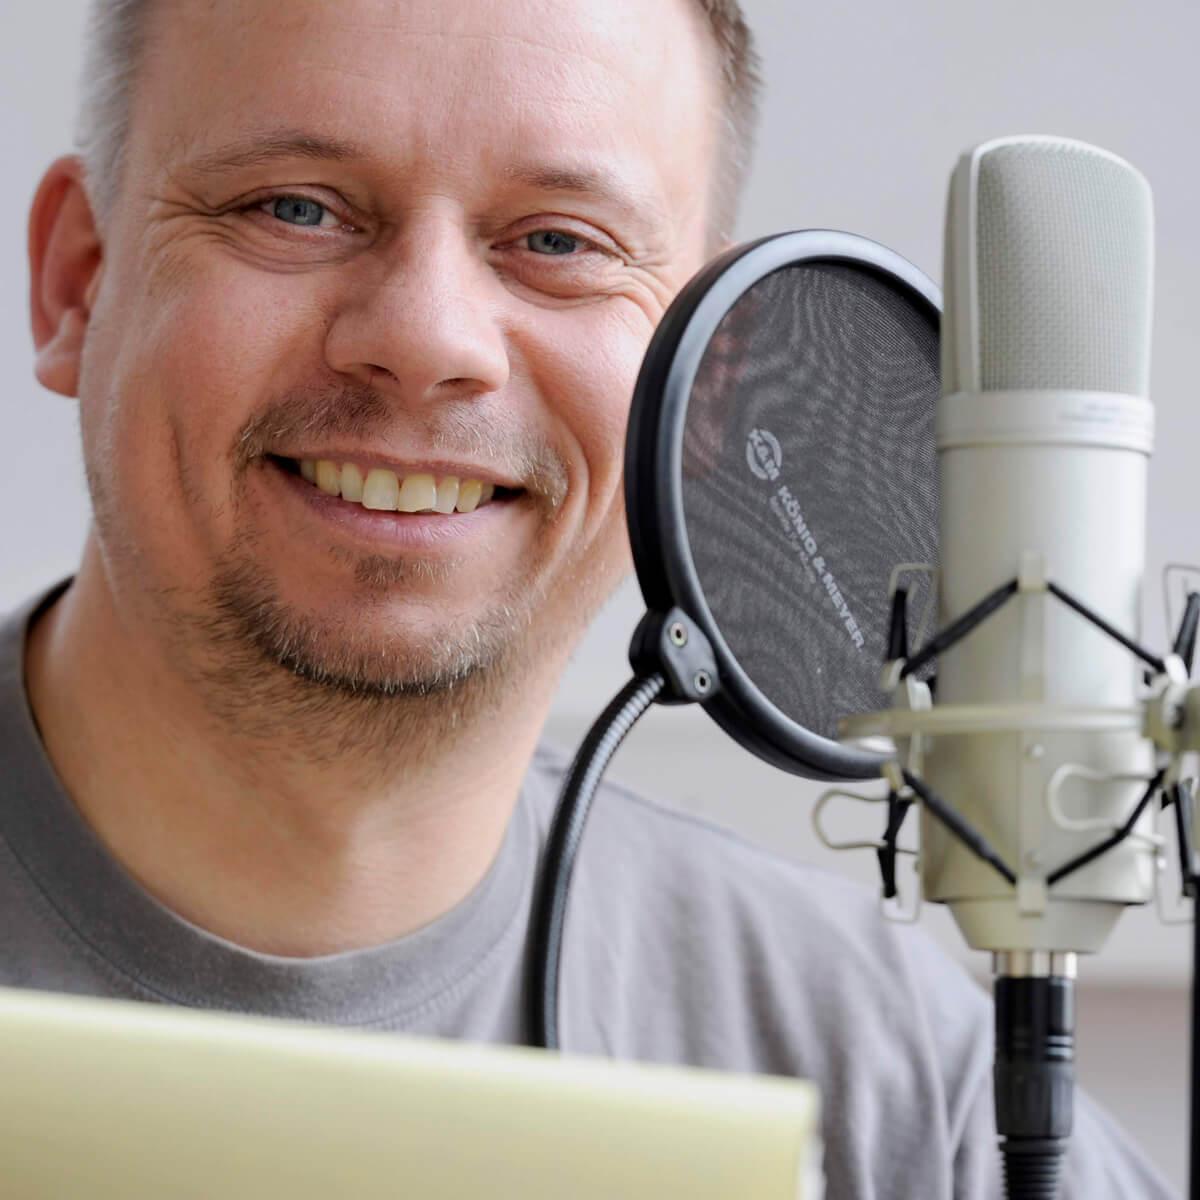 Ulrich Haage ist ausgewiesener Kakteen-Fachmann und führt uns mit seinem Kaktus-Podcast akustisch durch die Welt der Kakteen und Sukkulenten